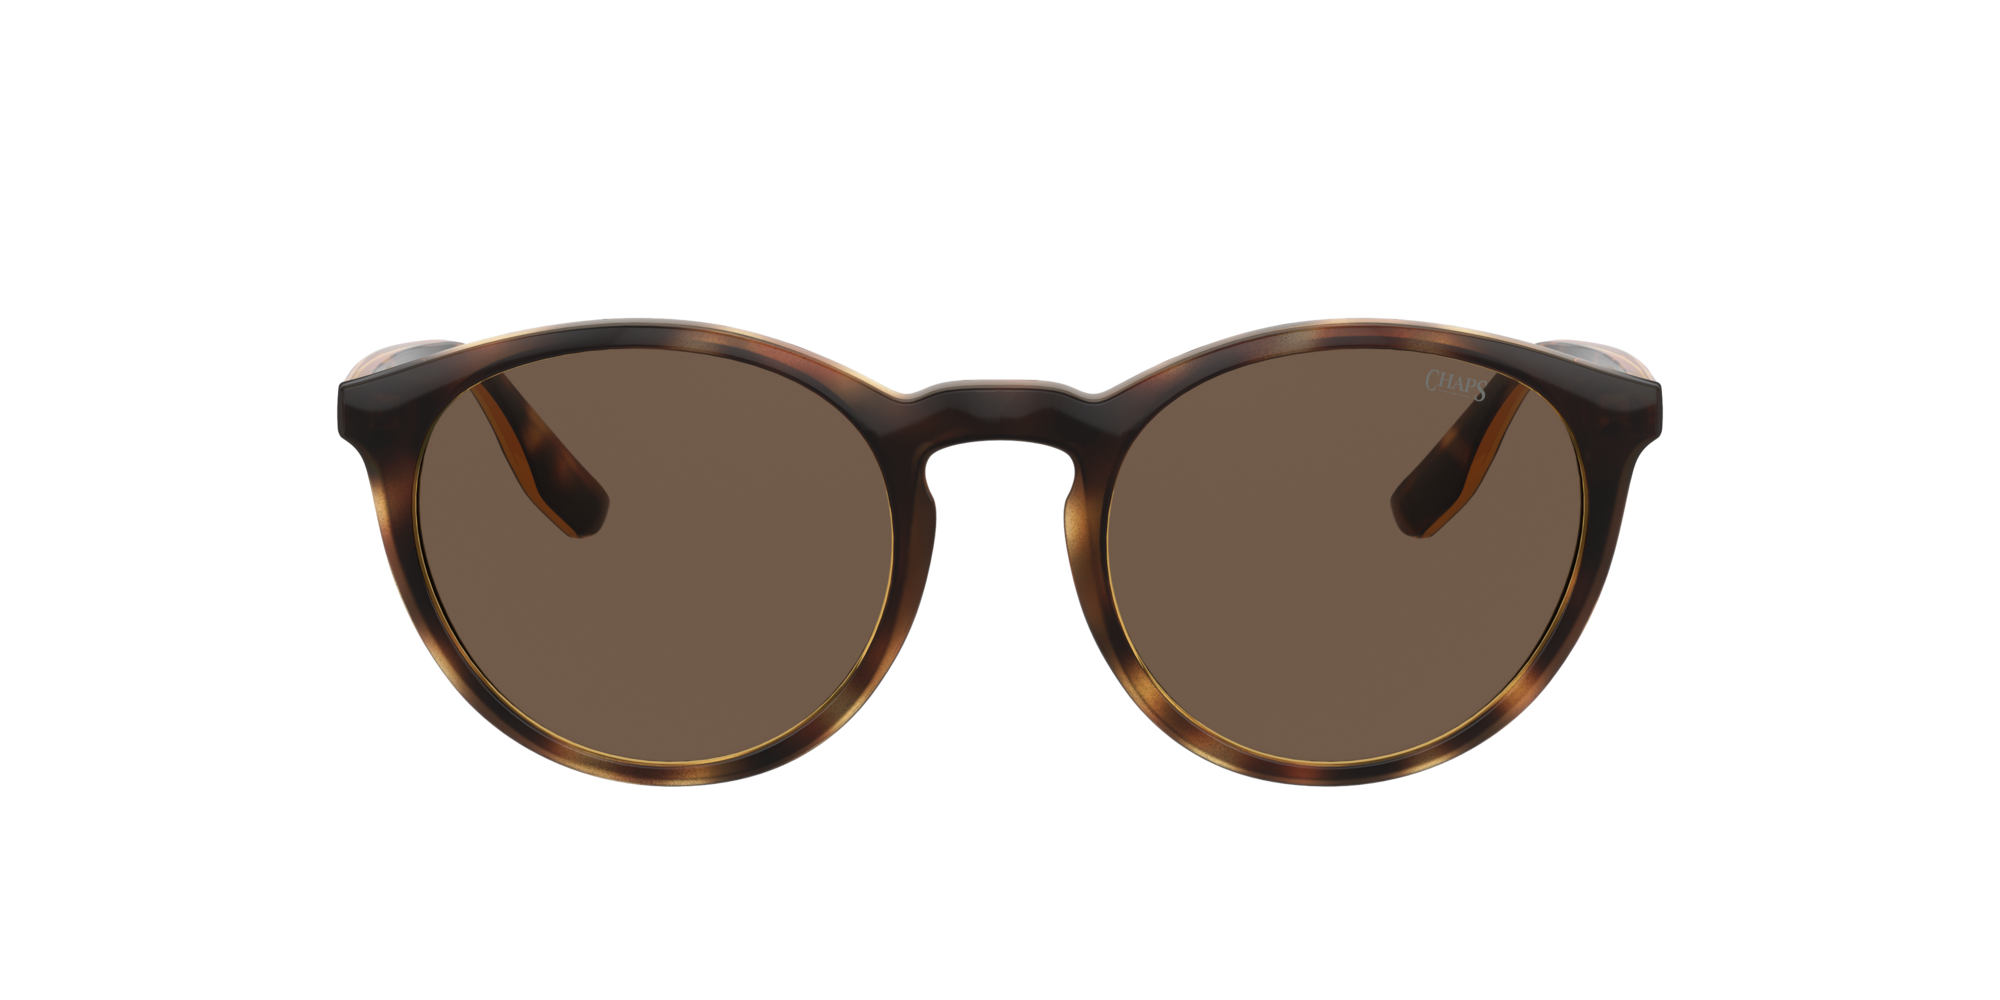 Imagen para CP5002 50 de LensCrafters |  Espejuelos, espejuelos graduados en línea, gafas